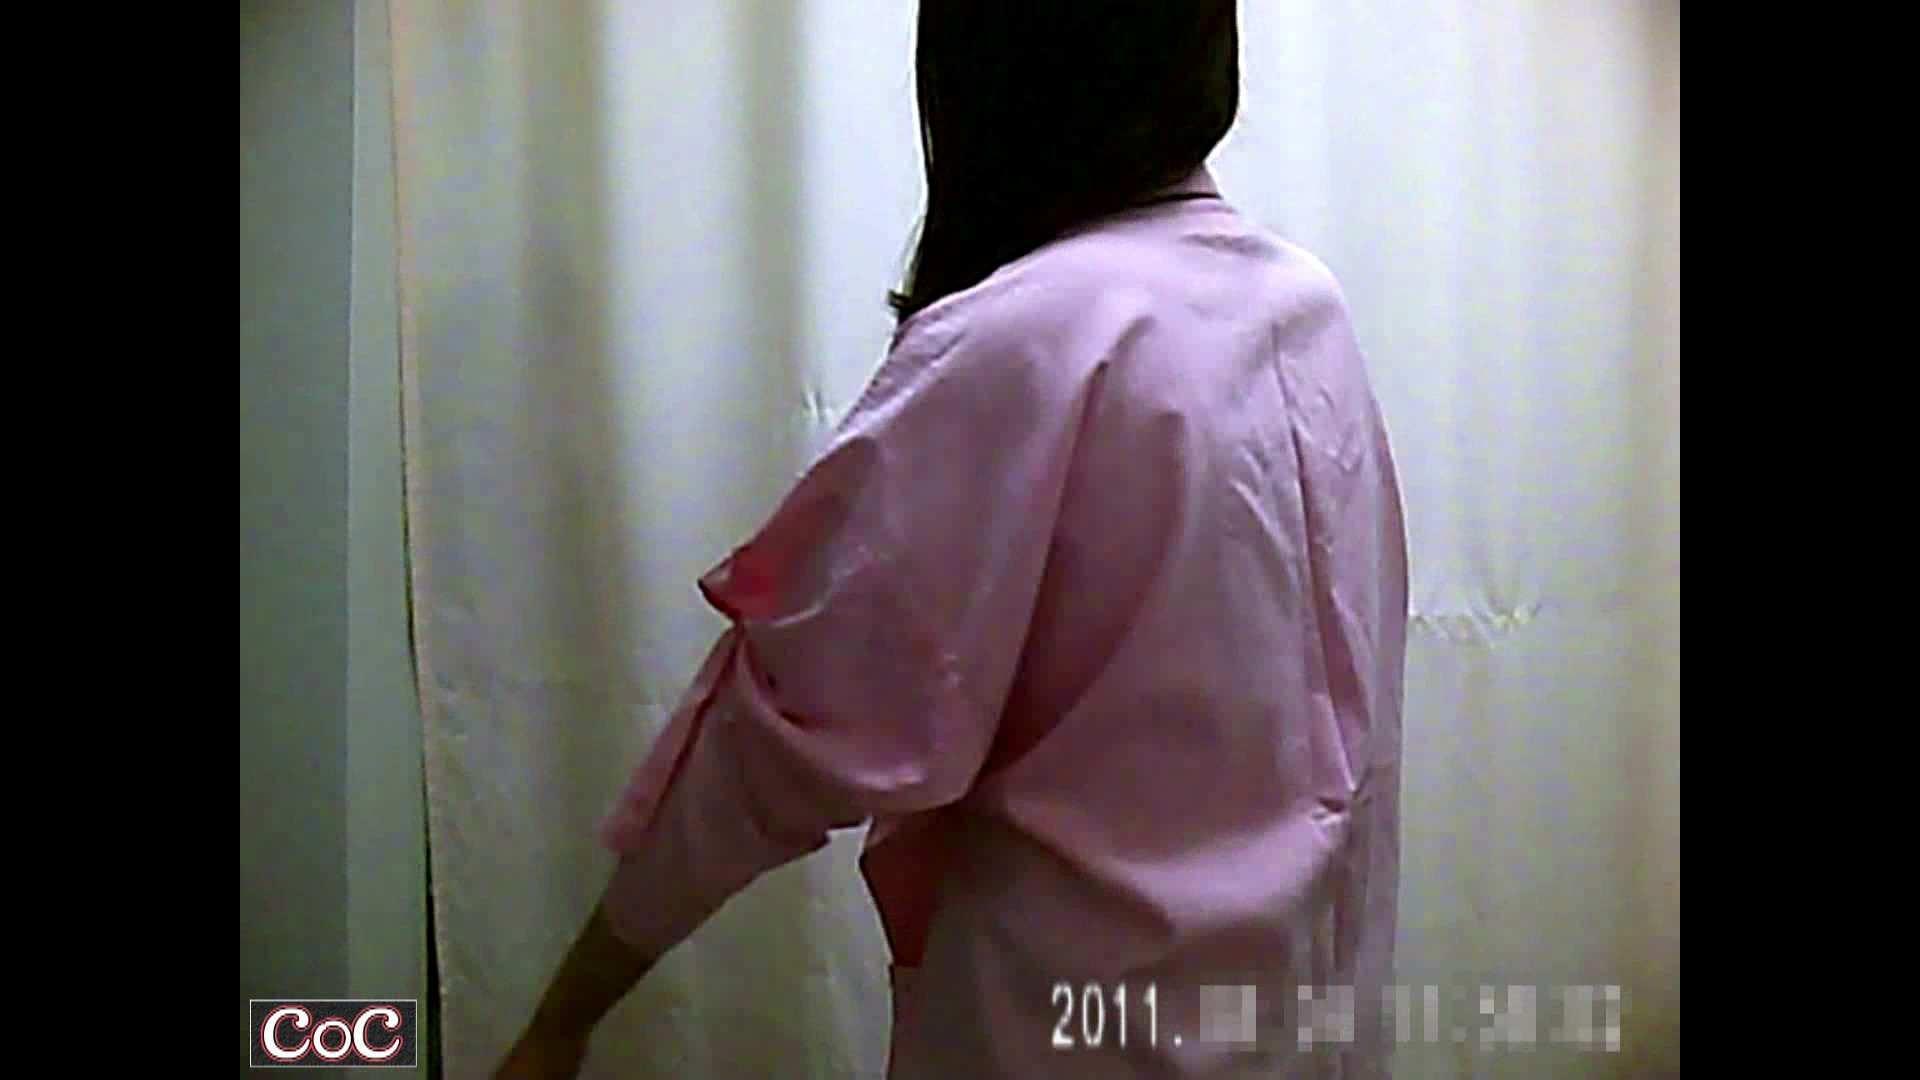 病院おもいっきり着替え! vol.10 エロティックなOL AV無料動画キャプチャ 74画像 42